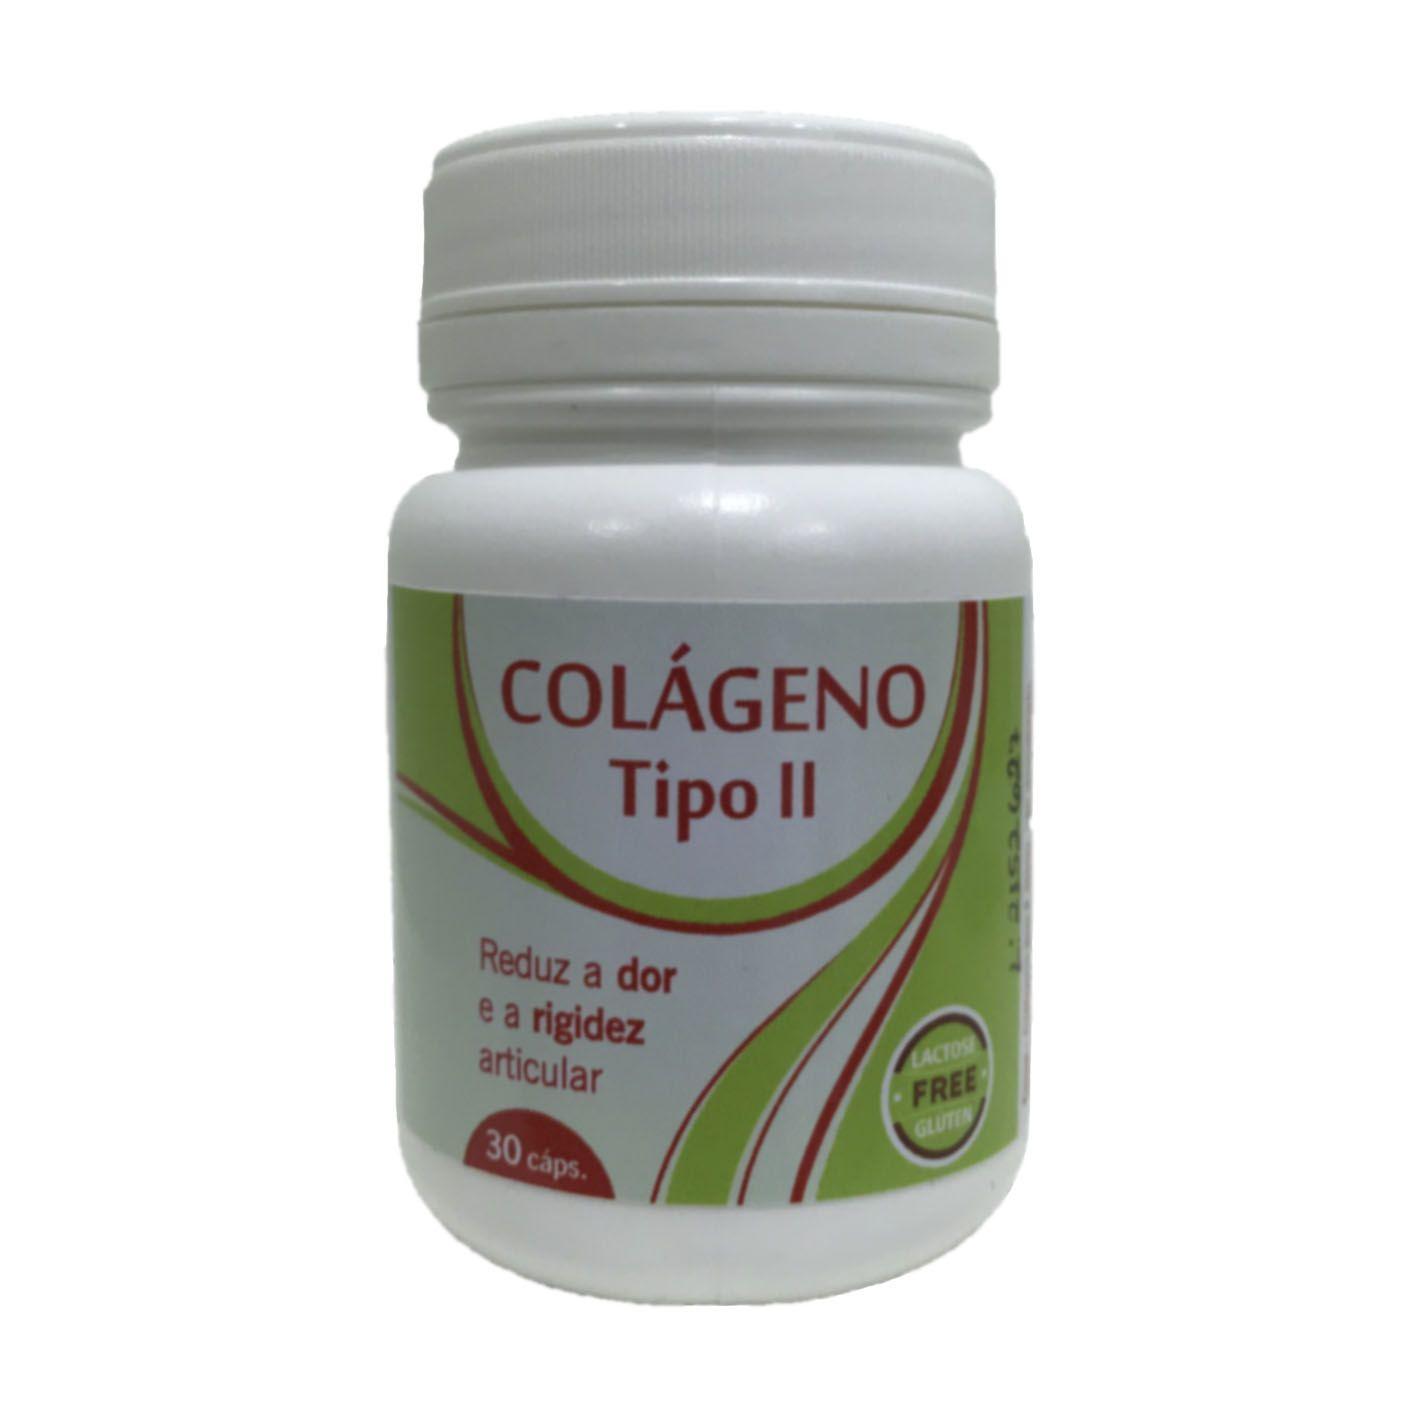 Colágeno Tipo II - 30 cápsulas